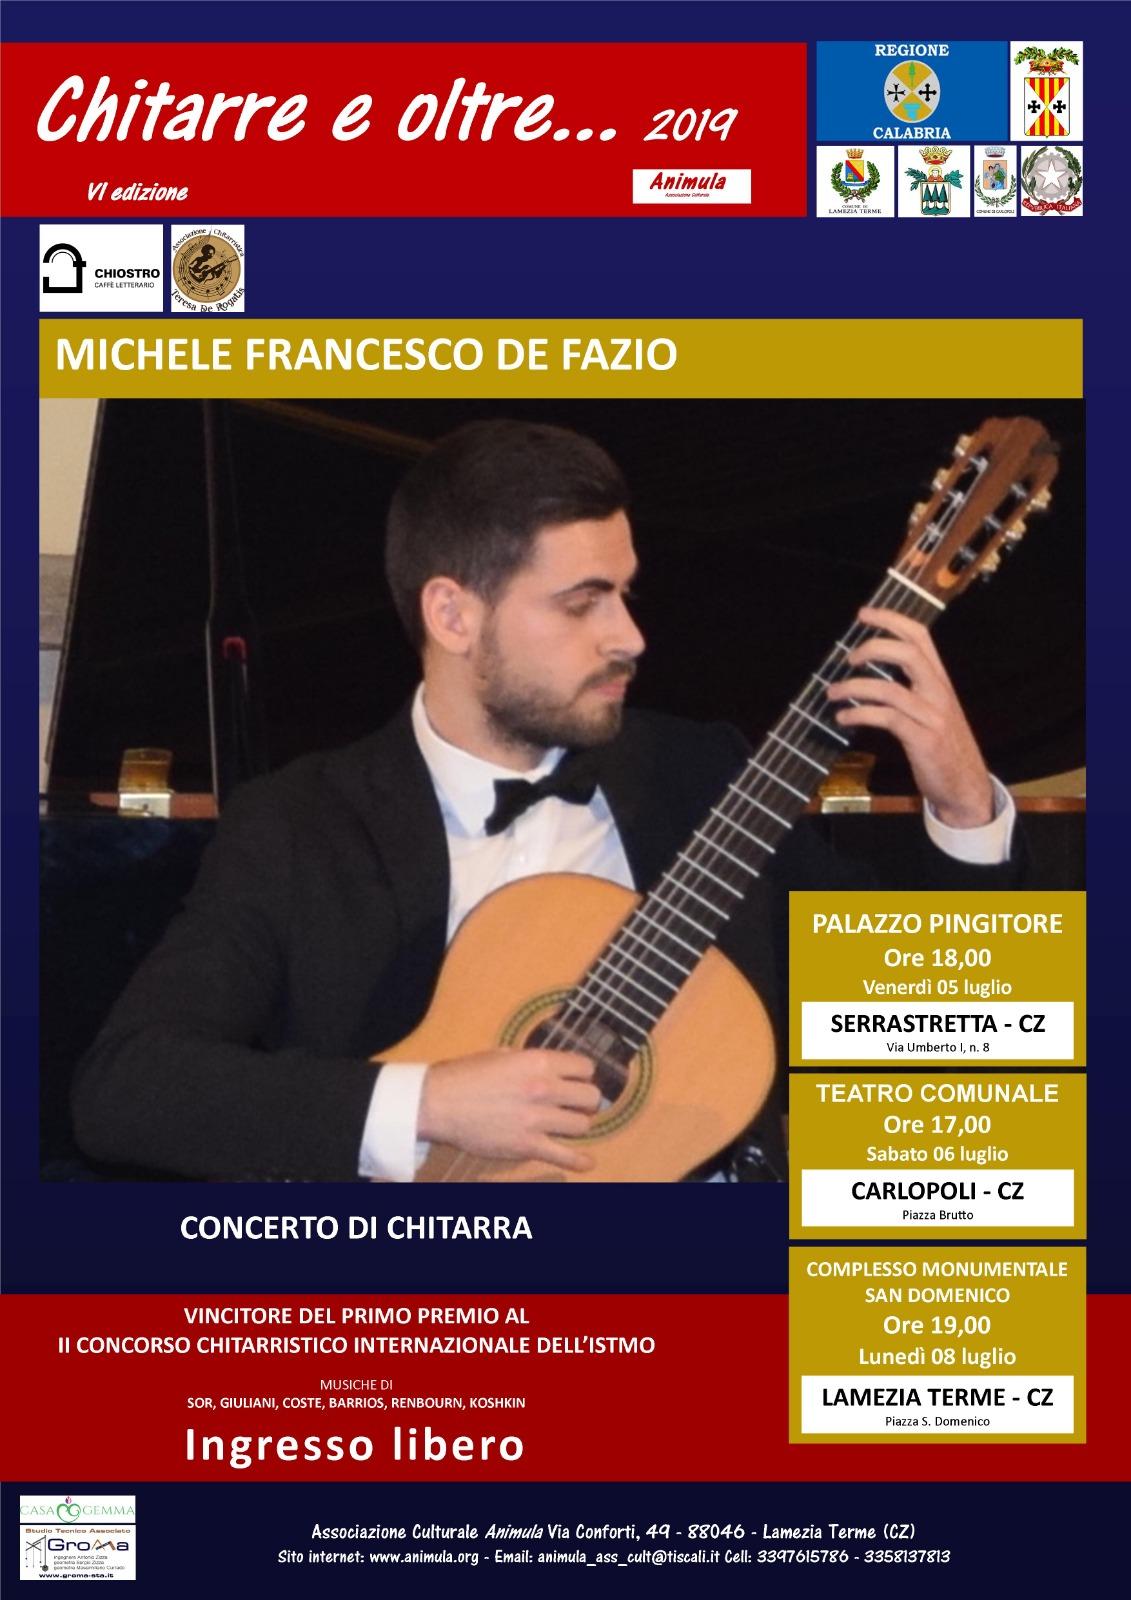 Concerto per chitarra Michele Francesco De Fazio